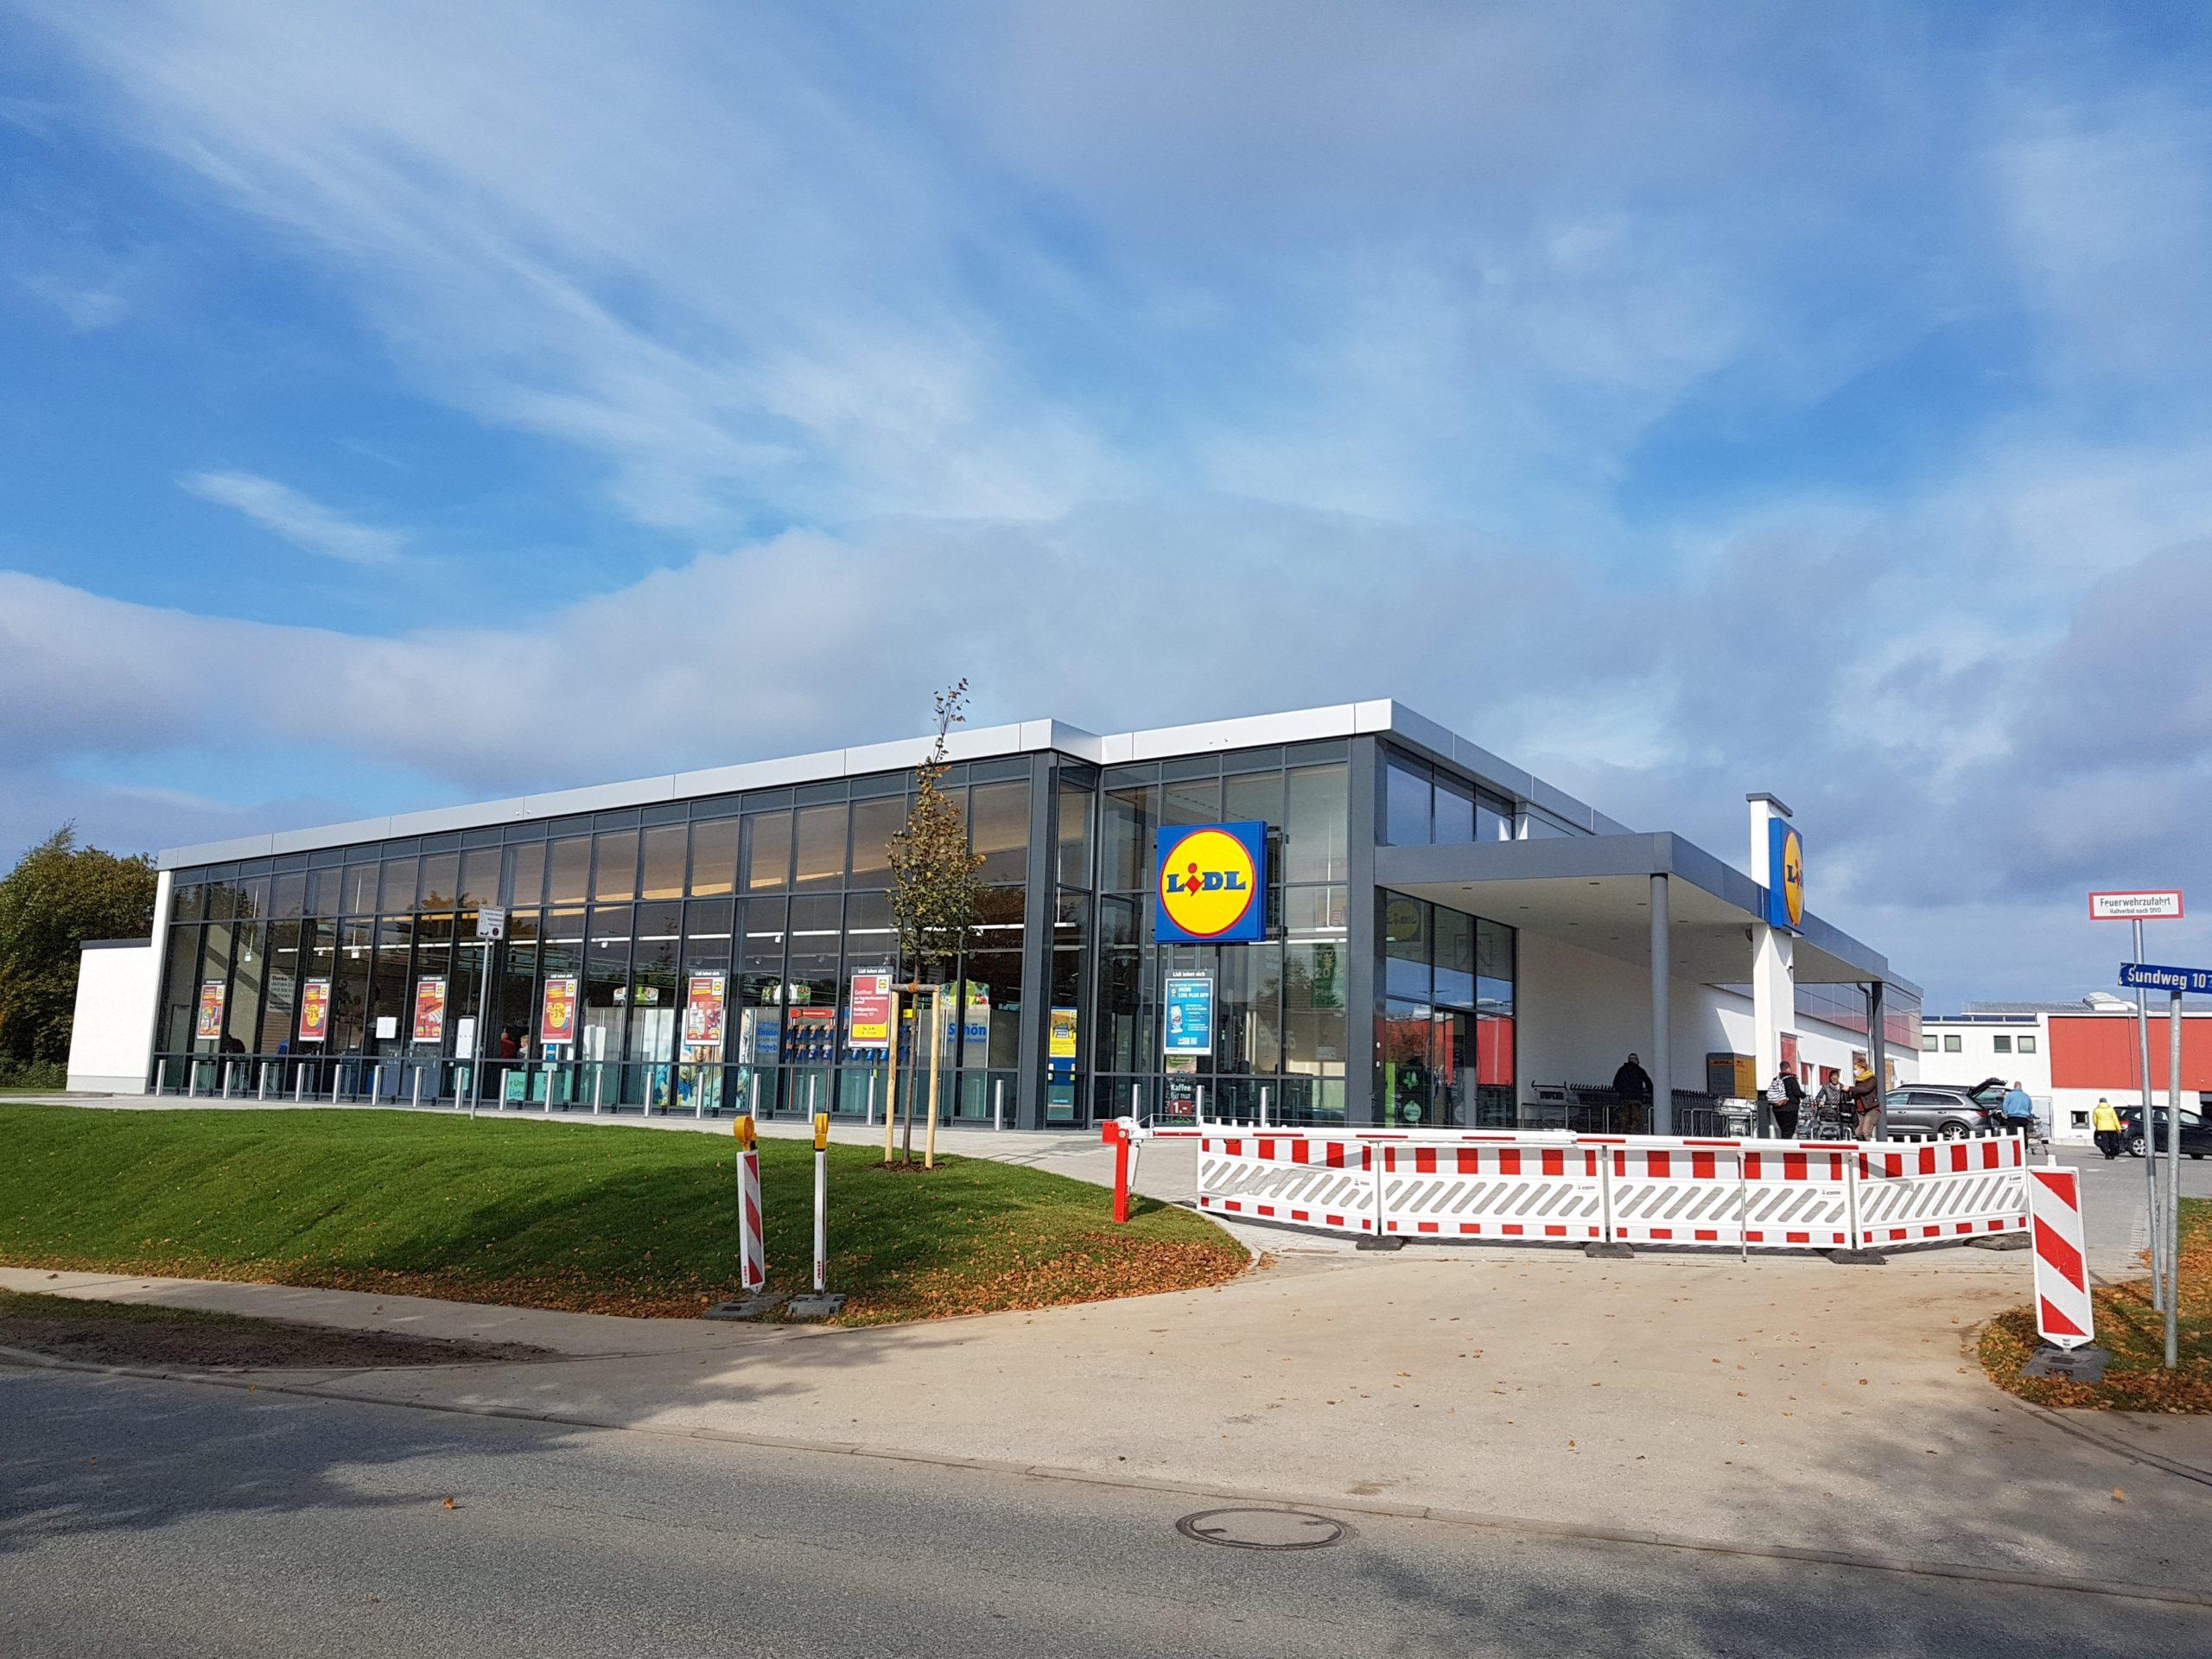 Lidl-Markt, Sundweg, Heiligenhafen